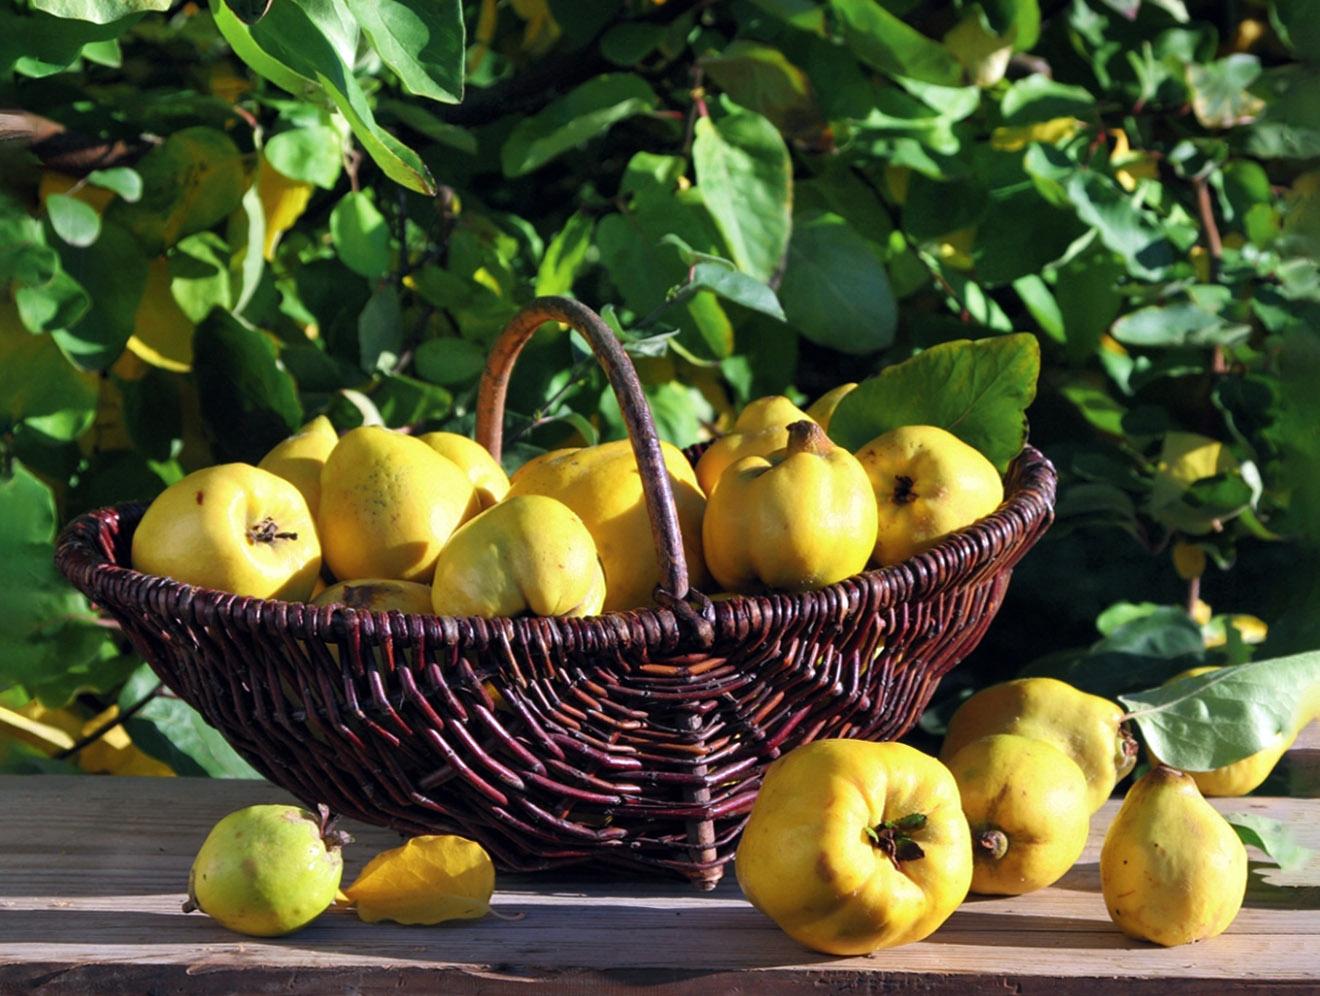 Cidonijos vaisiai